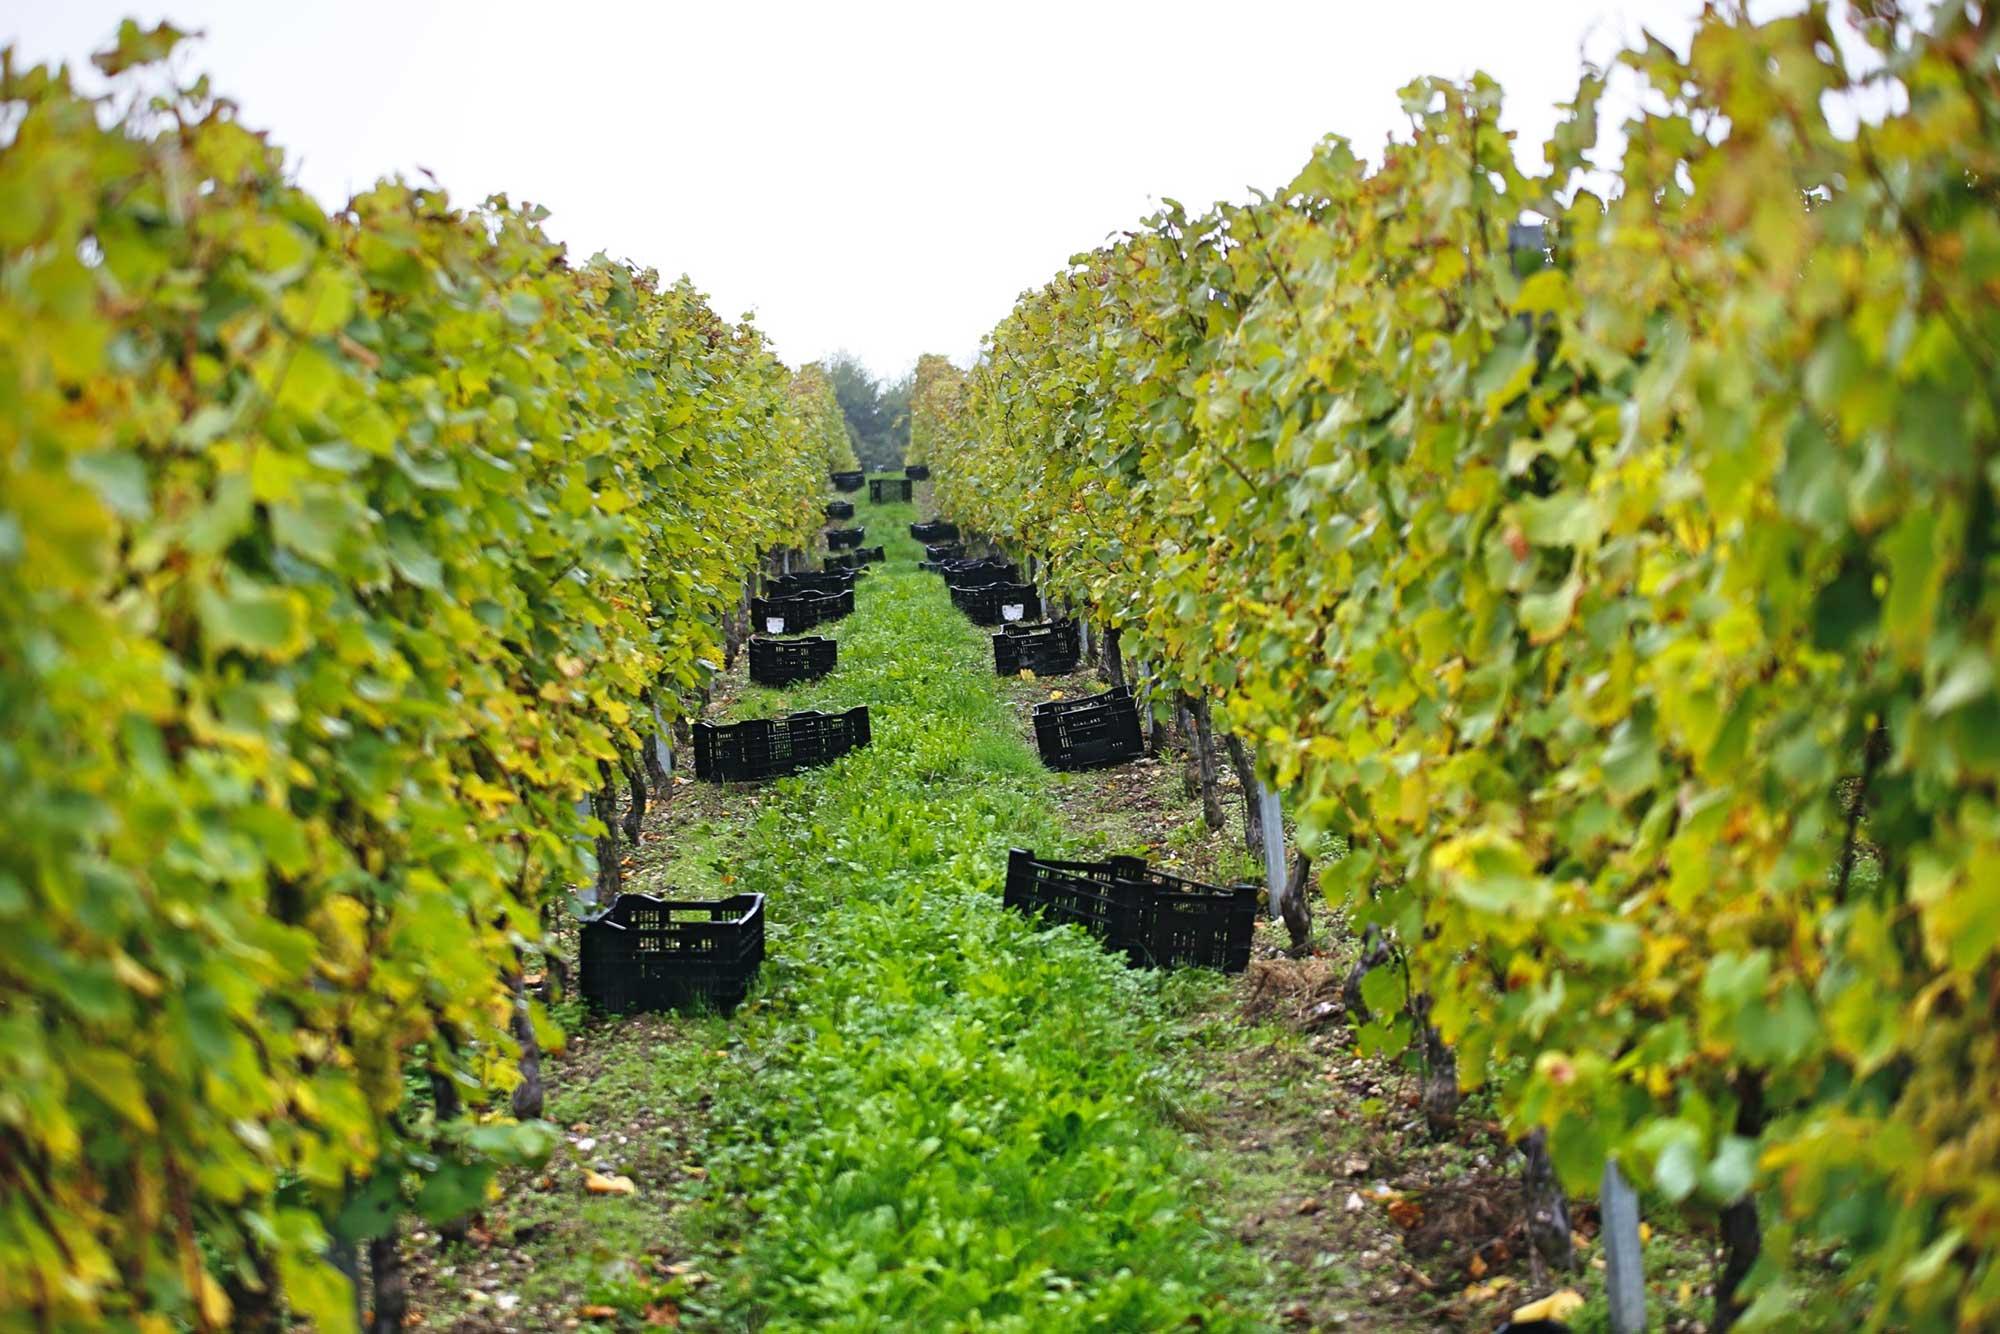 Spesiallansering britisk musserende, Champagne, Loire og Chablis – Juni 2020